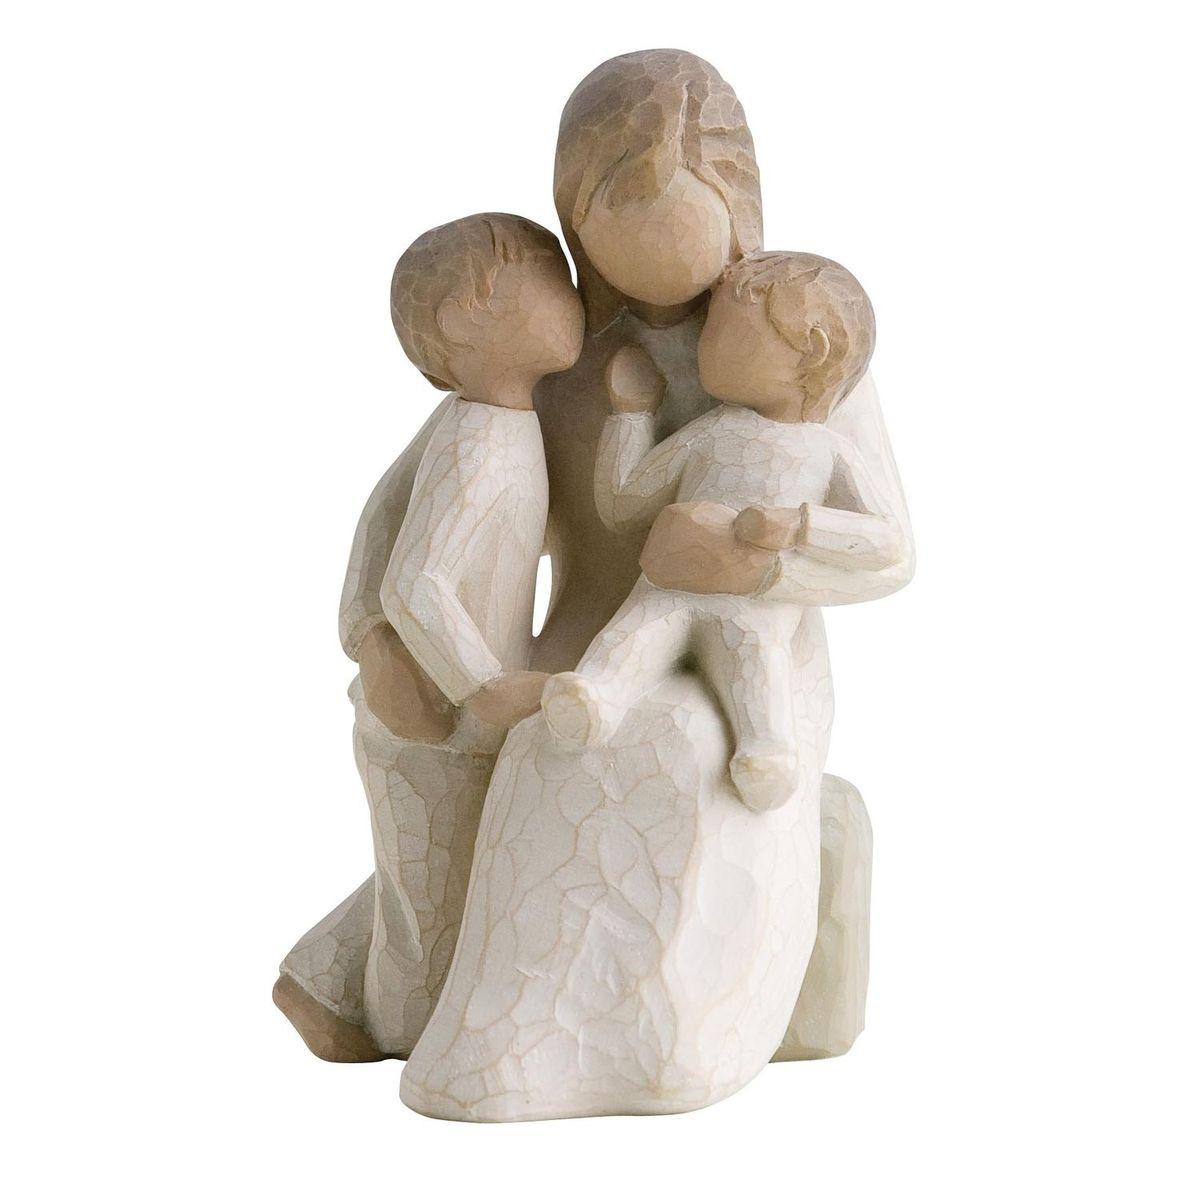 Фигурка Willow Tree Спокойствие, 13,5 см26100Эти прекрасные статуэтки созданы канадским скульптором Сьюзан Лорди. Каждая фигурка – это настоящее произведение искусства, образная скульптура в миниатюре, изображающая эмоции и чувства, которые помогают нам чувствовать себя ближе к другим, верить в мечту, выражать любовь. Каждая фигурка помещена в красивую упаковку. Купить такой оригинальный подарок, значит не только украсить интерьер помещения или жилой комнаты, но выразить свое глубокое отношение к любимому человеку. Этот прекрасный сувенир будет лучшим подарком на день ангела, именины, день рождения, юбилей. Материал: Искусственный камень (49% карбонат кальция мелкозернистой разновидности, 51% искусственный камень)